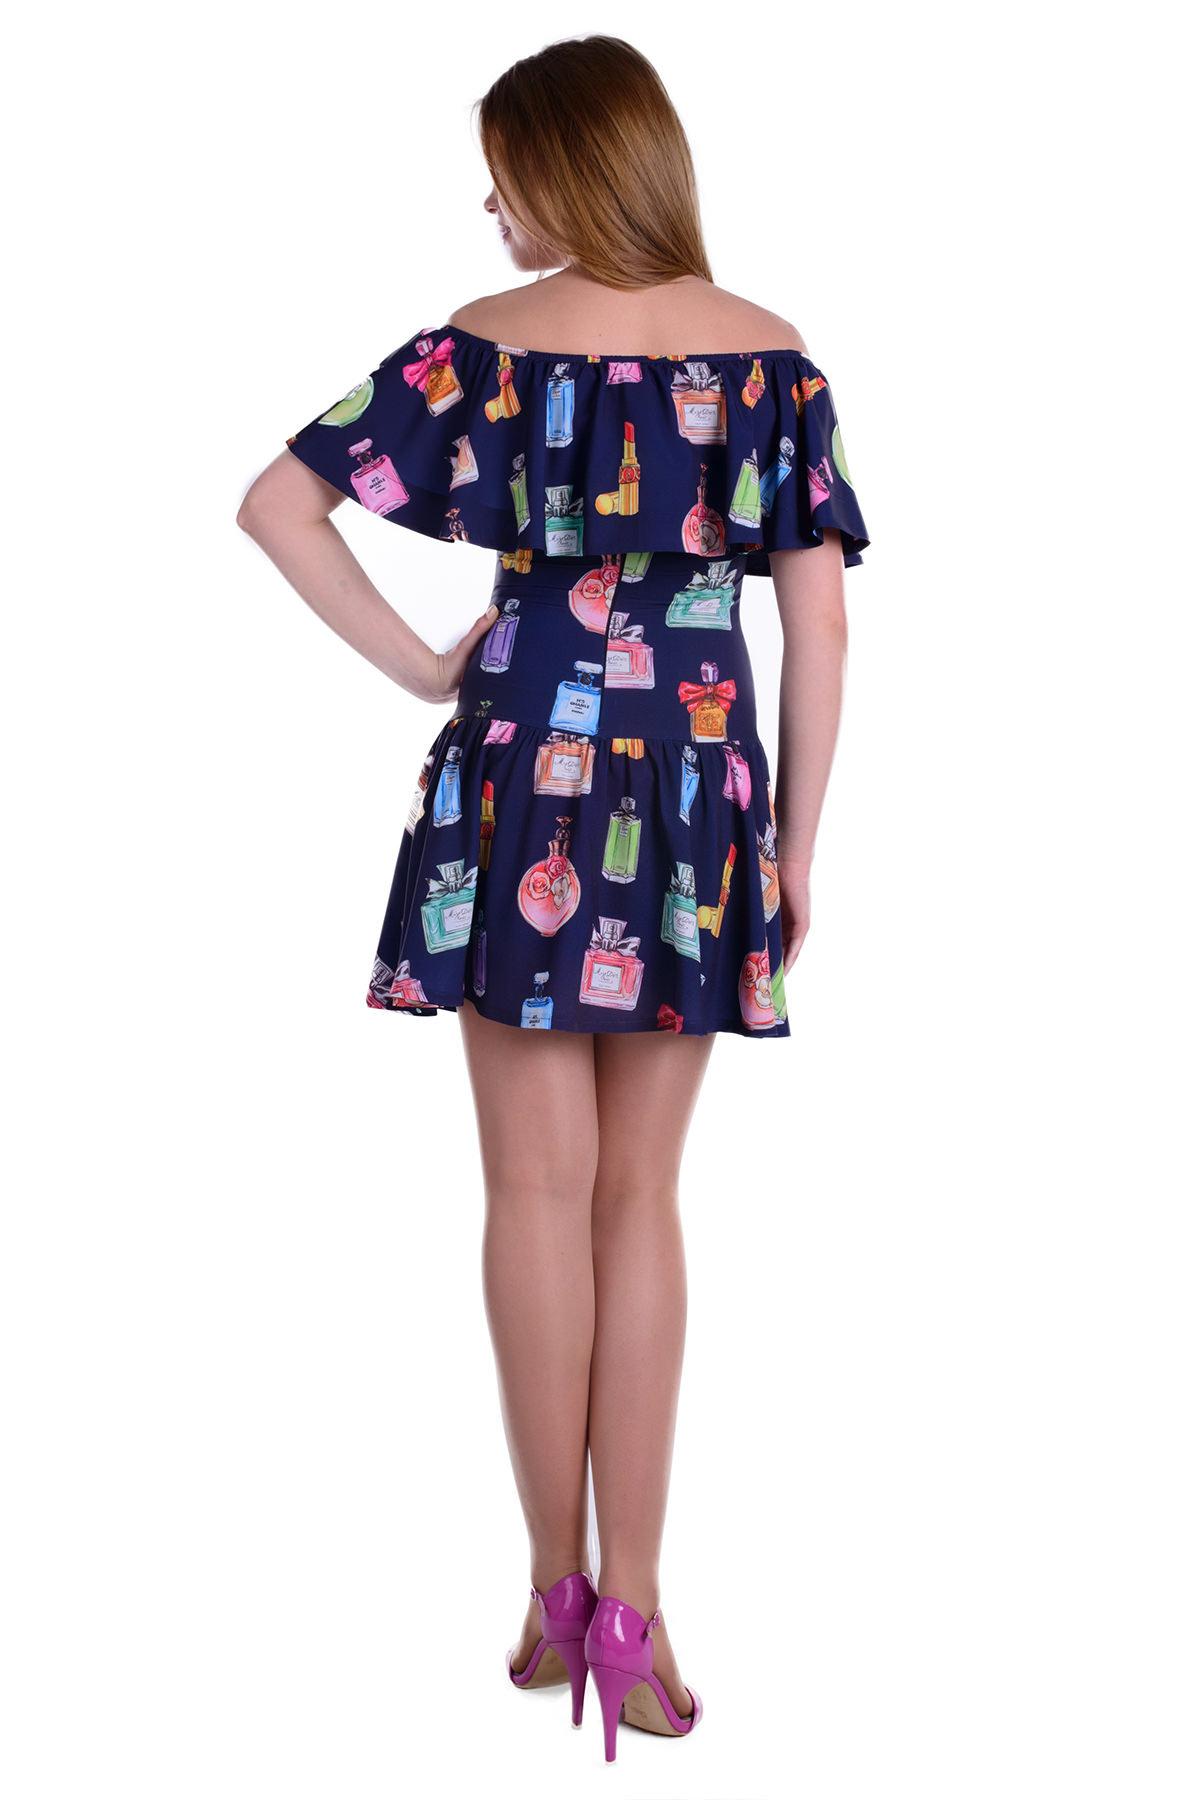 Платье Майами вискоза принт Цвет: Тёмно-синий, духи